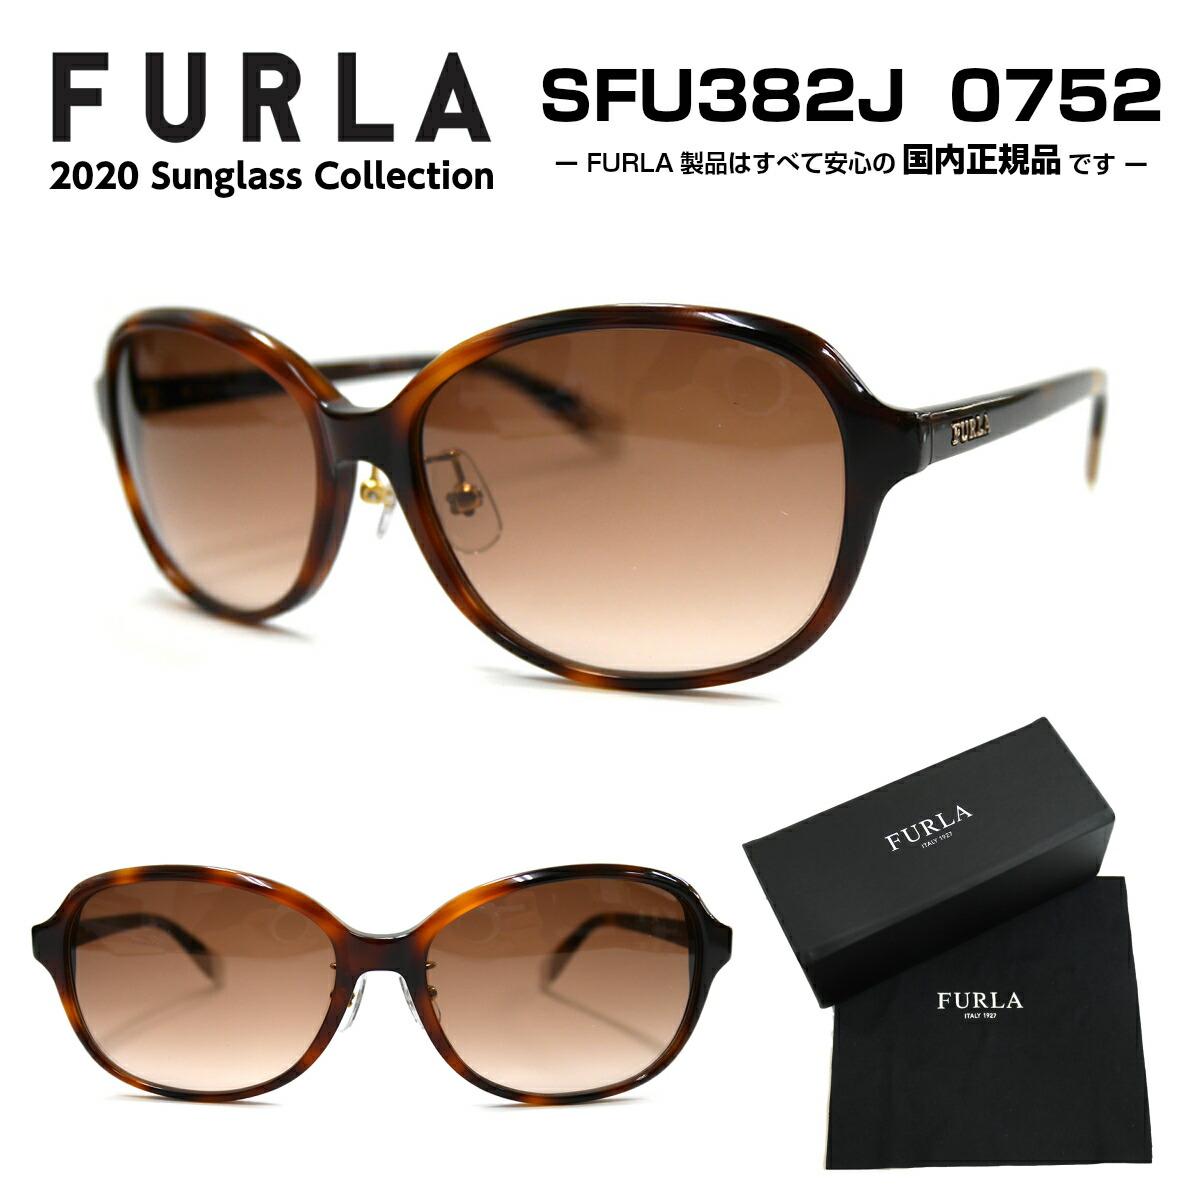 FURLA フルラ サングラス SFU382J 0752 2020年モデル SUNGLASS メガネ レディース 女性 正規品 UVカット ライトカラー うすめ きれい かわいい 大きめ 母の日 プレゼント ギフト オススメ